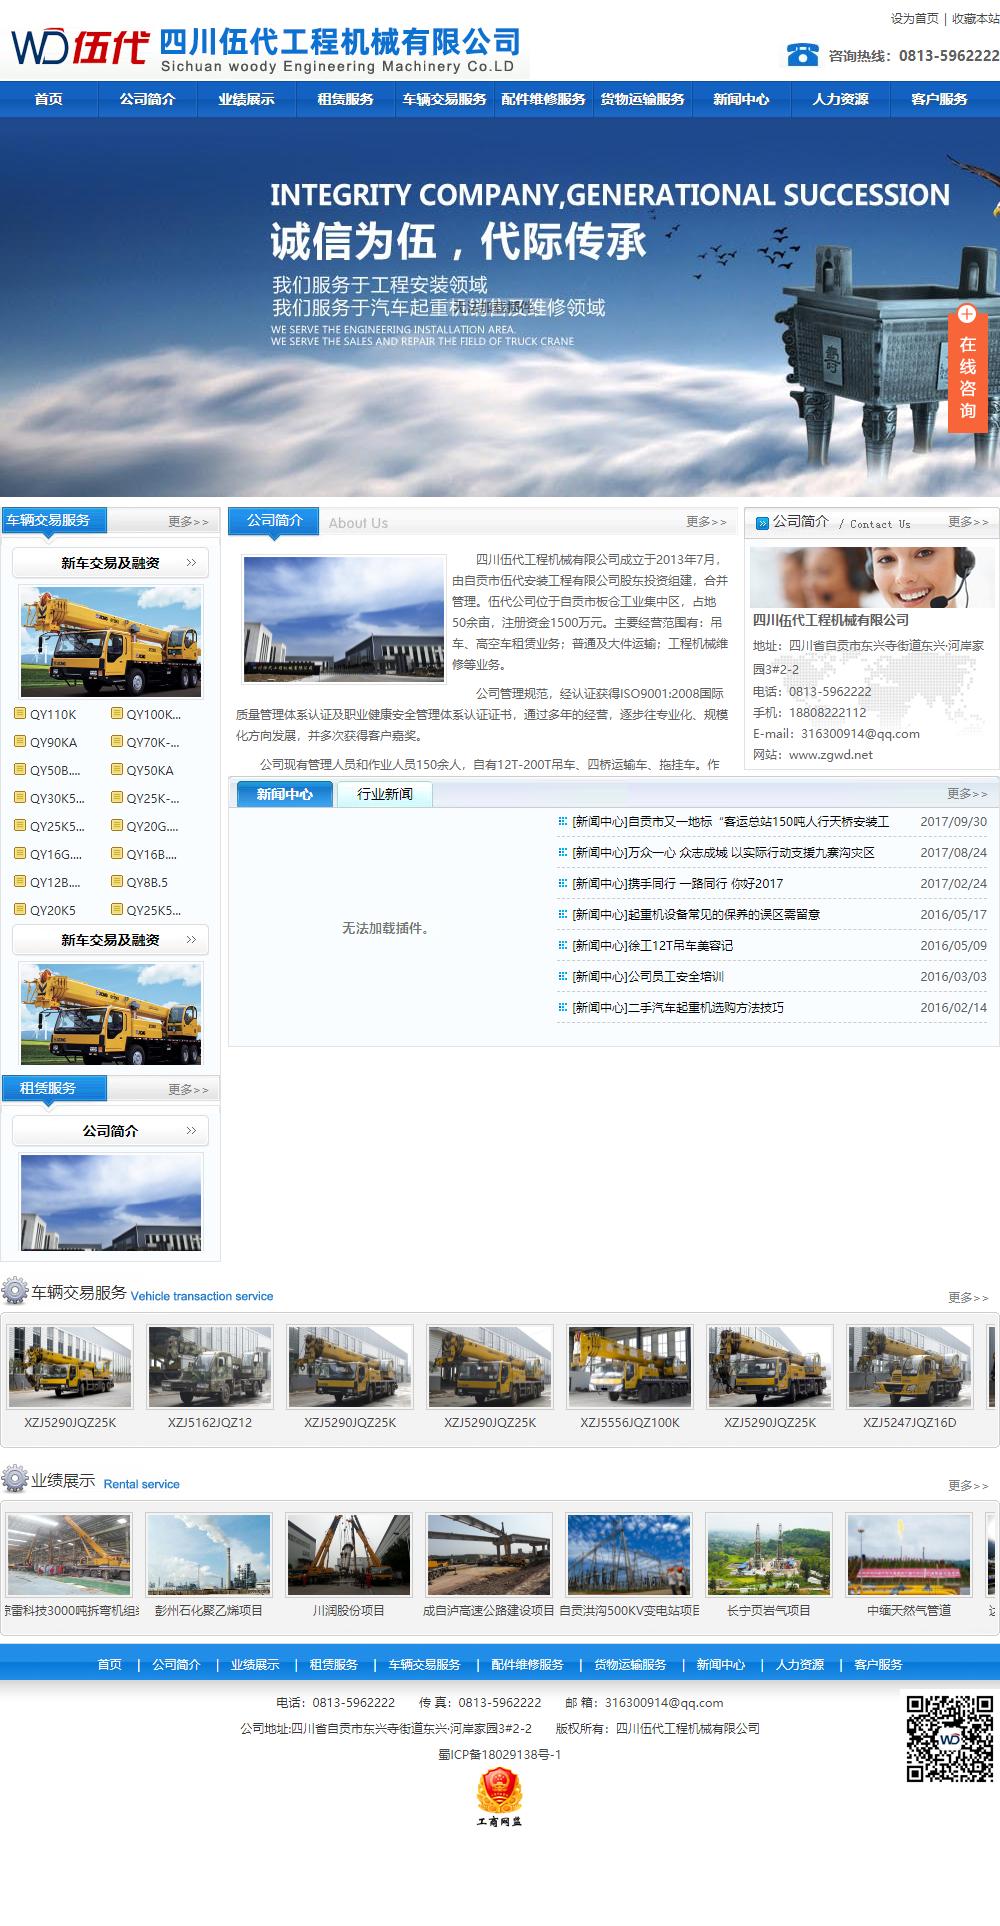 四川伍代工程机械有限公司网站案例